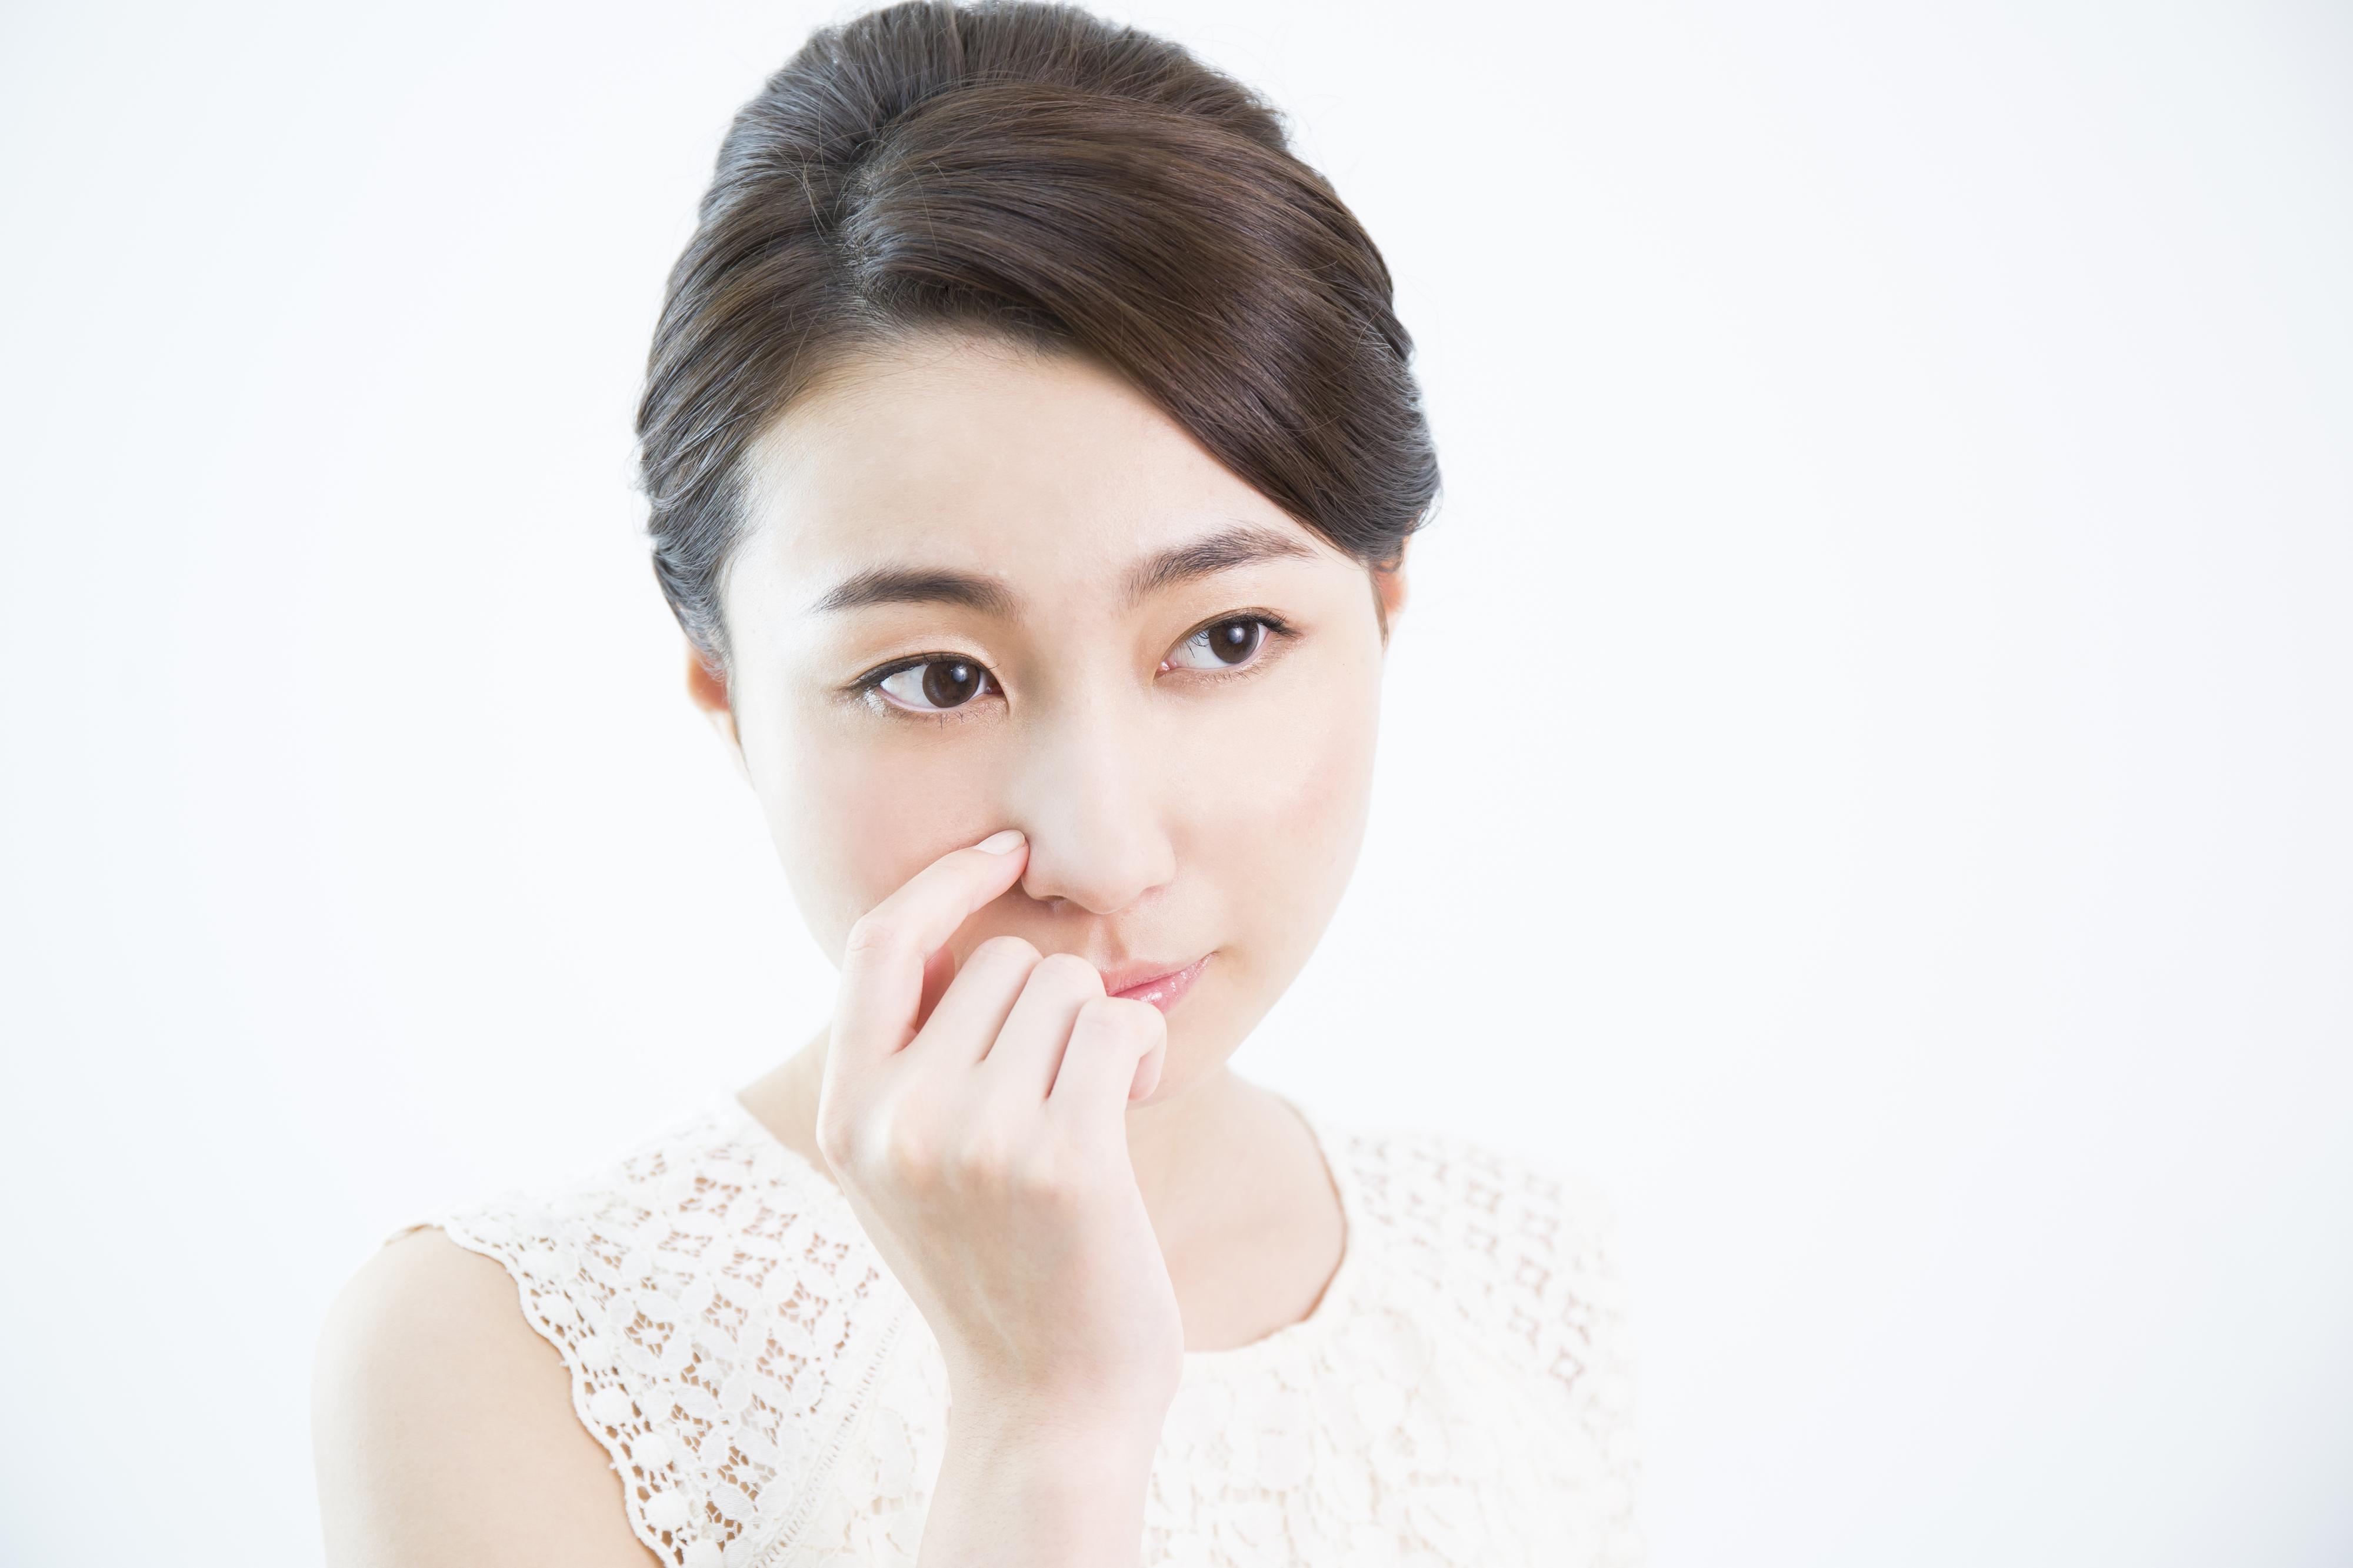 【いちご鼻の治し方】アグネスが有効な治療法?ポイントをお伝えします!